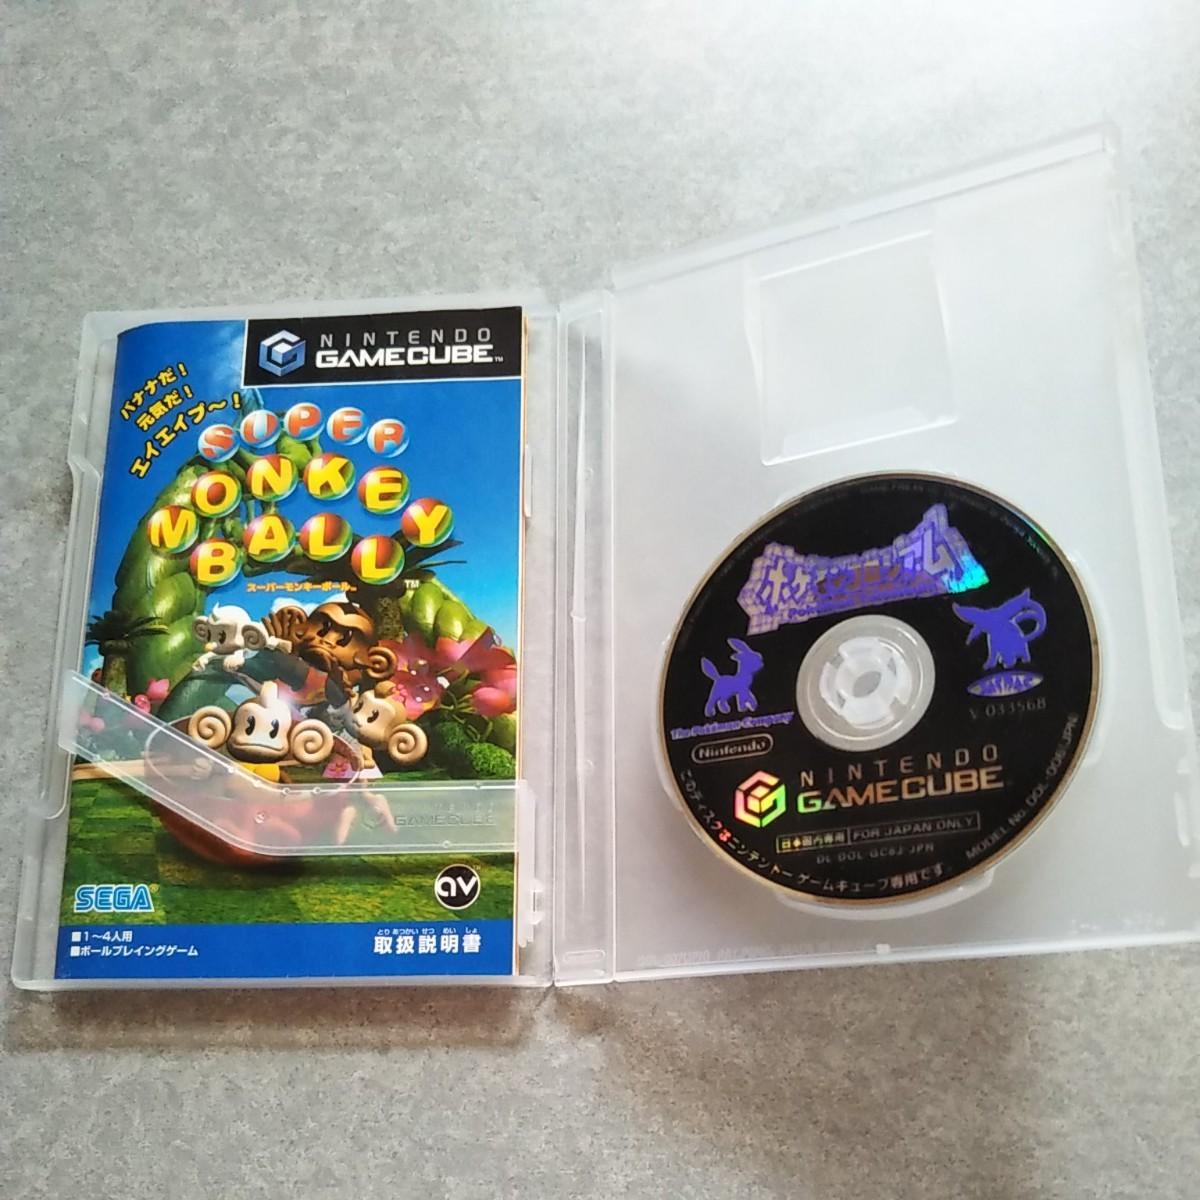 ゲームキューブ SUPER MONKEY BALL